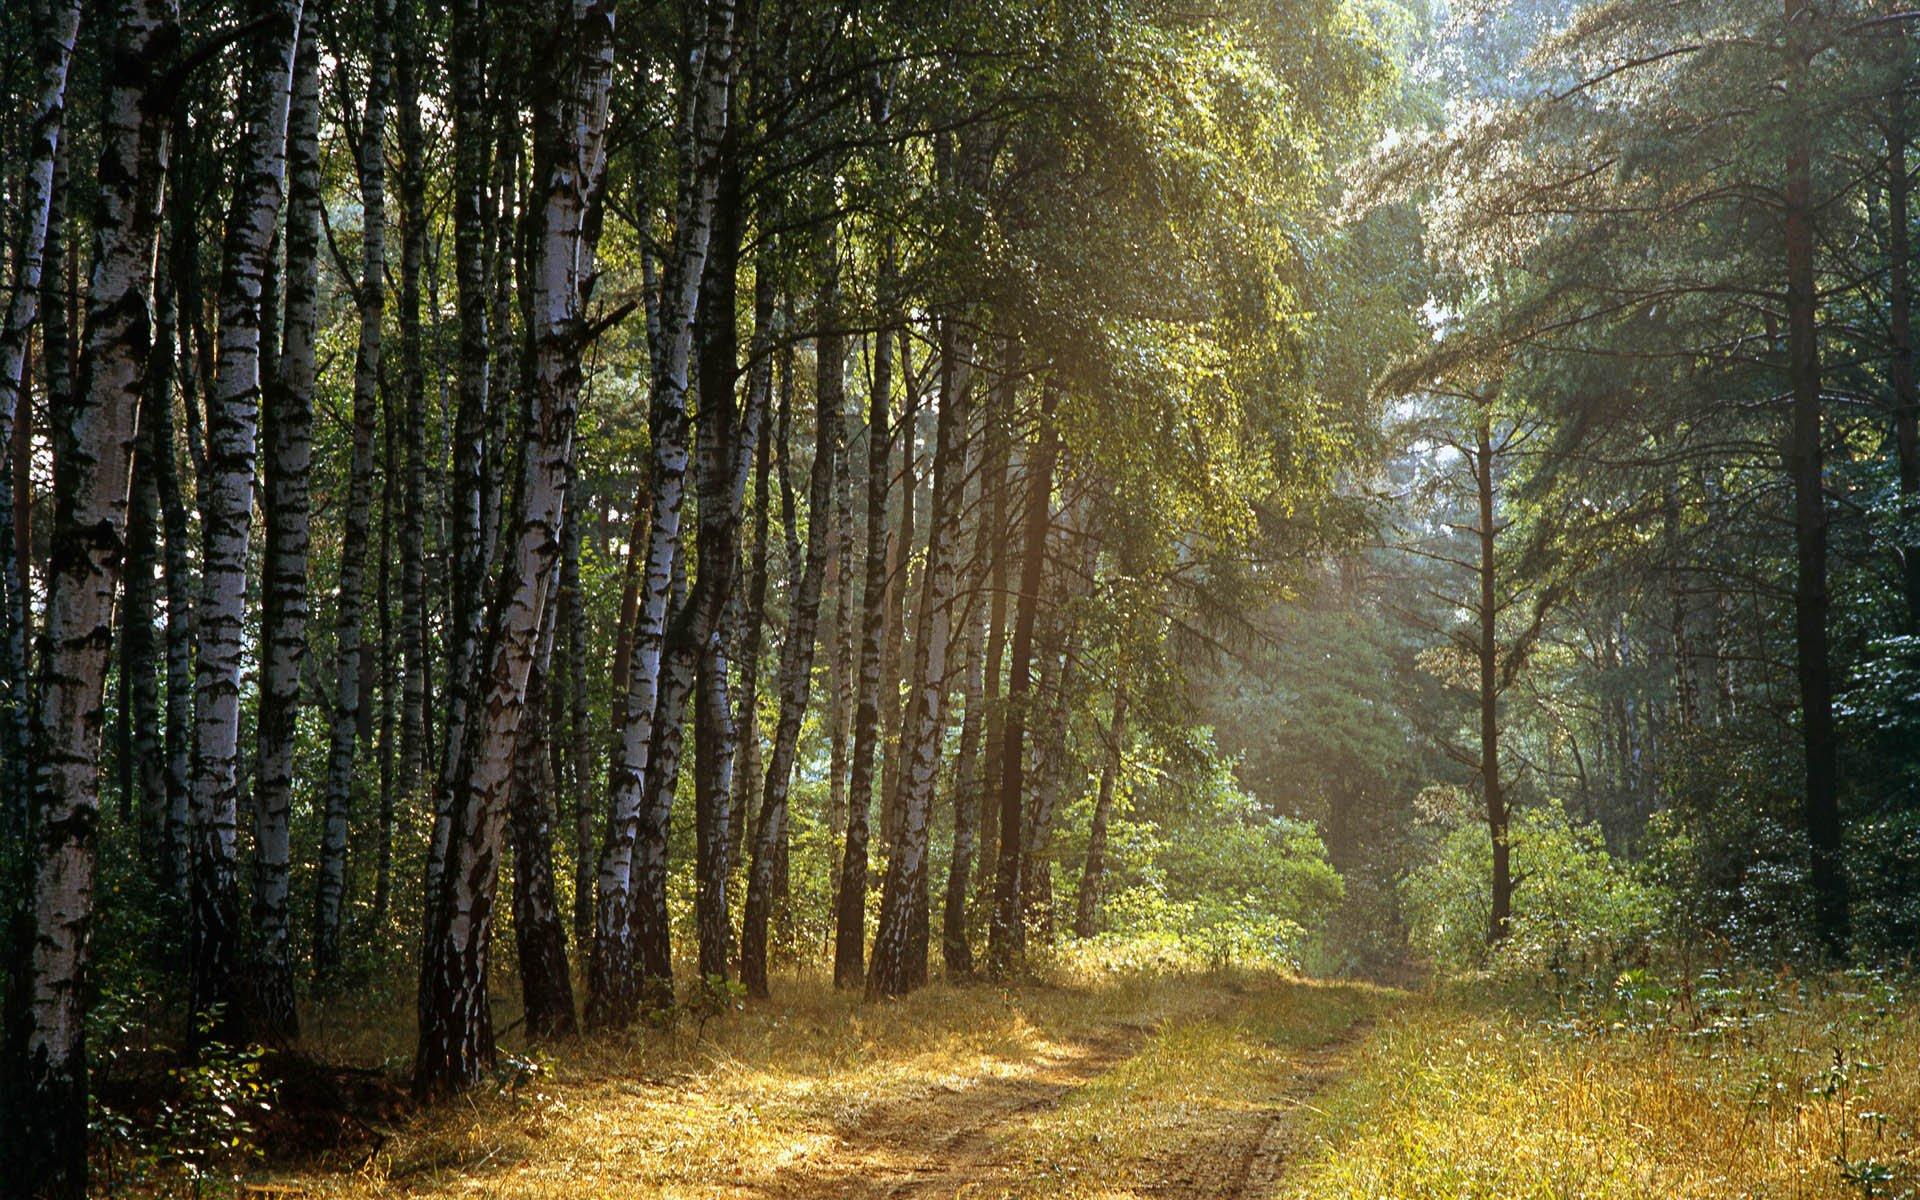 лесные пейзажи фото высокого разрешения коррекции недостатка необходимо